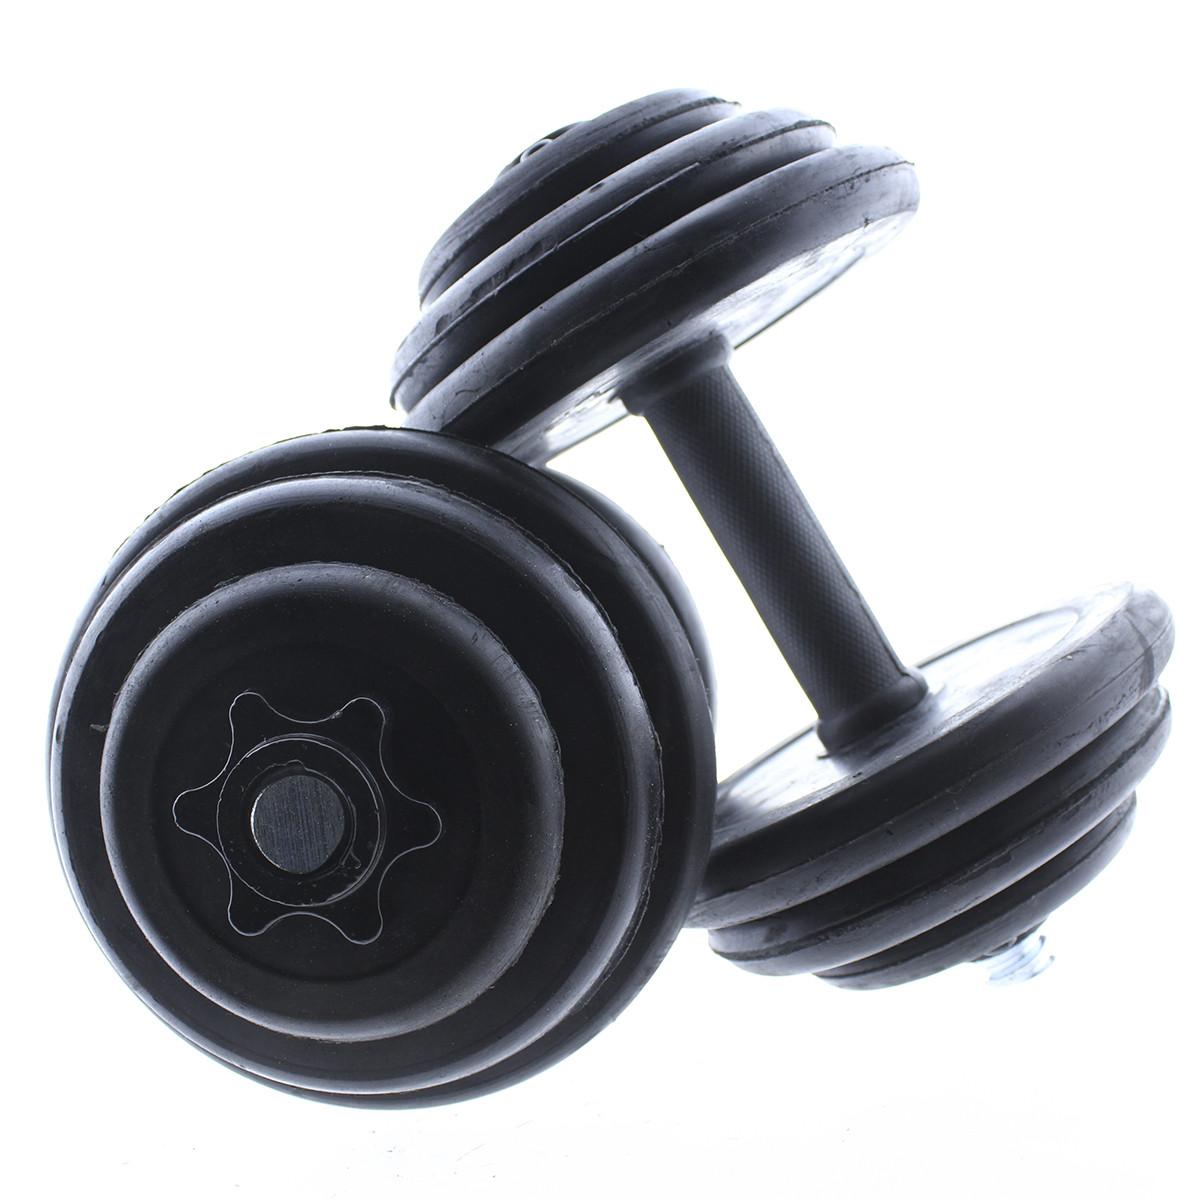 Set-de-mancuernas-ajustables-Negras-con-discos-de-Goma-10kg-12kg-15kg-20-k miniatura 13